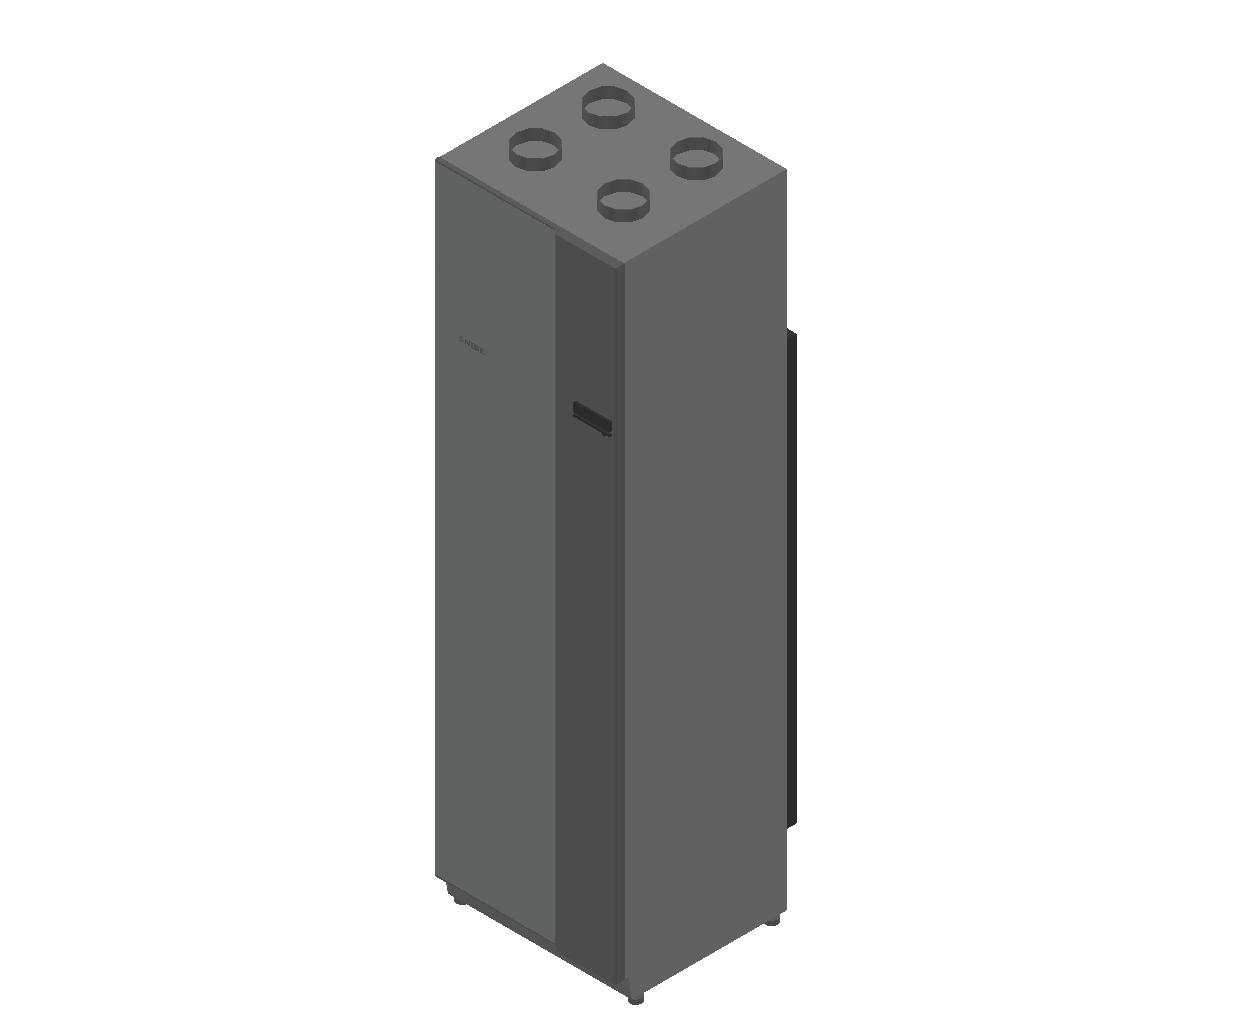 HC_Heat Pump_MEPcontent_NIBE_F470_INT-EN.dwg